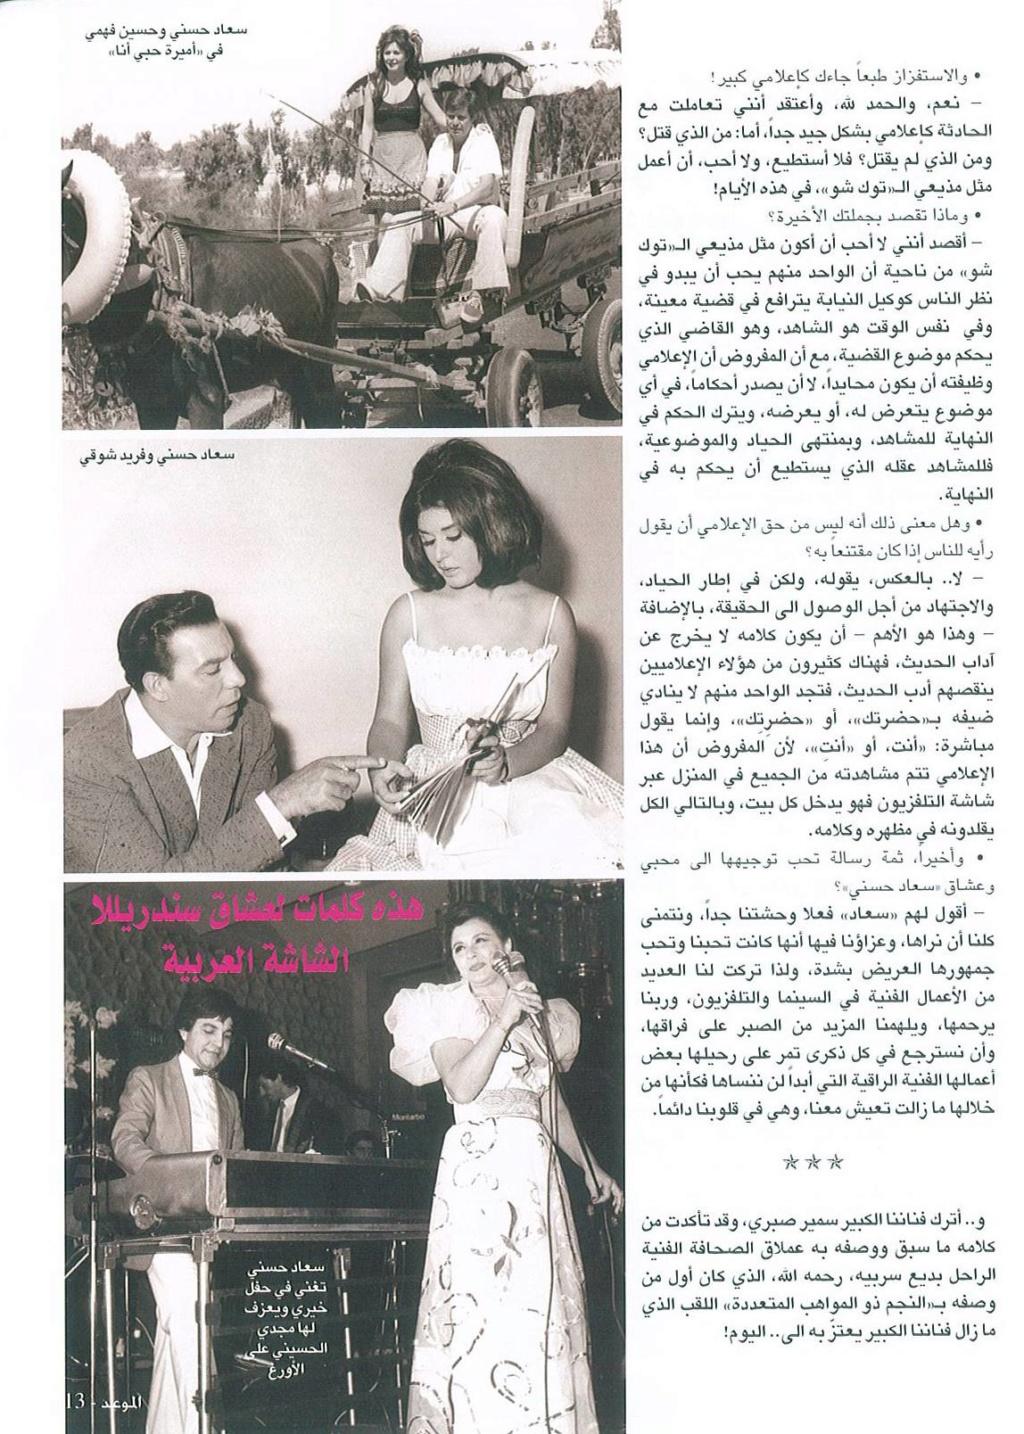 حوار صحفي : في ذكرى رحيل سعاد حسني .. ماذا يقول سمير صبري 2013 م 3224